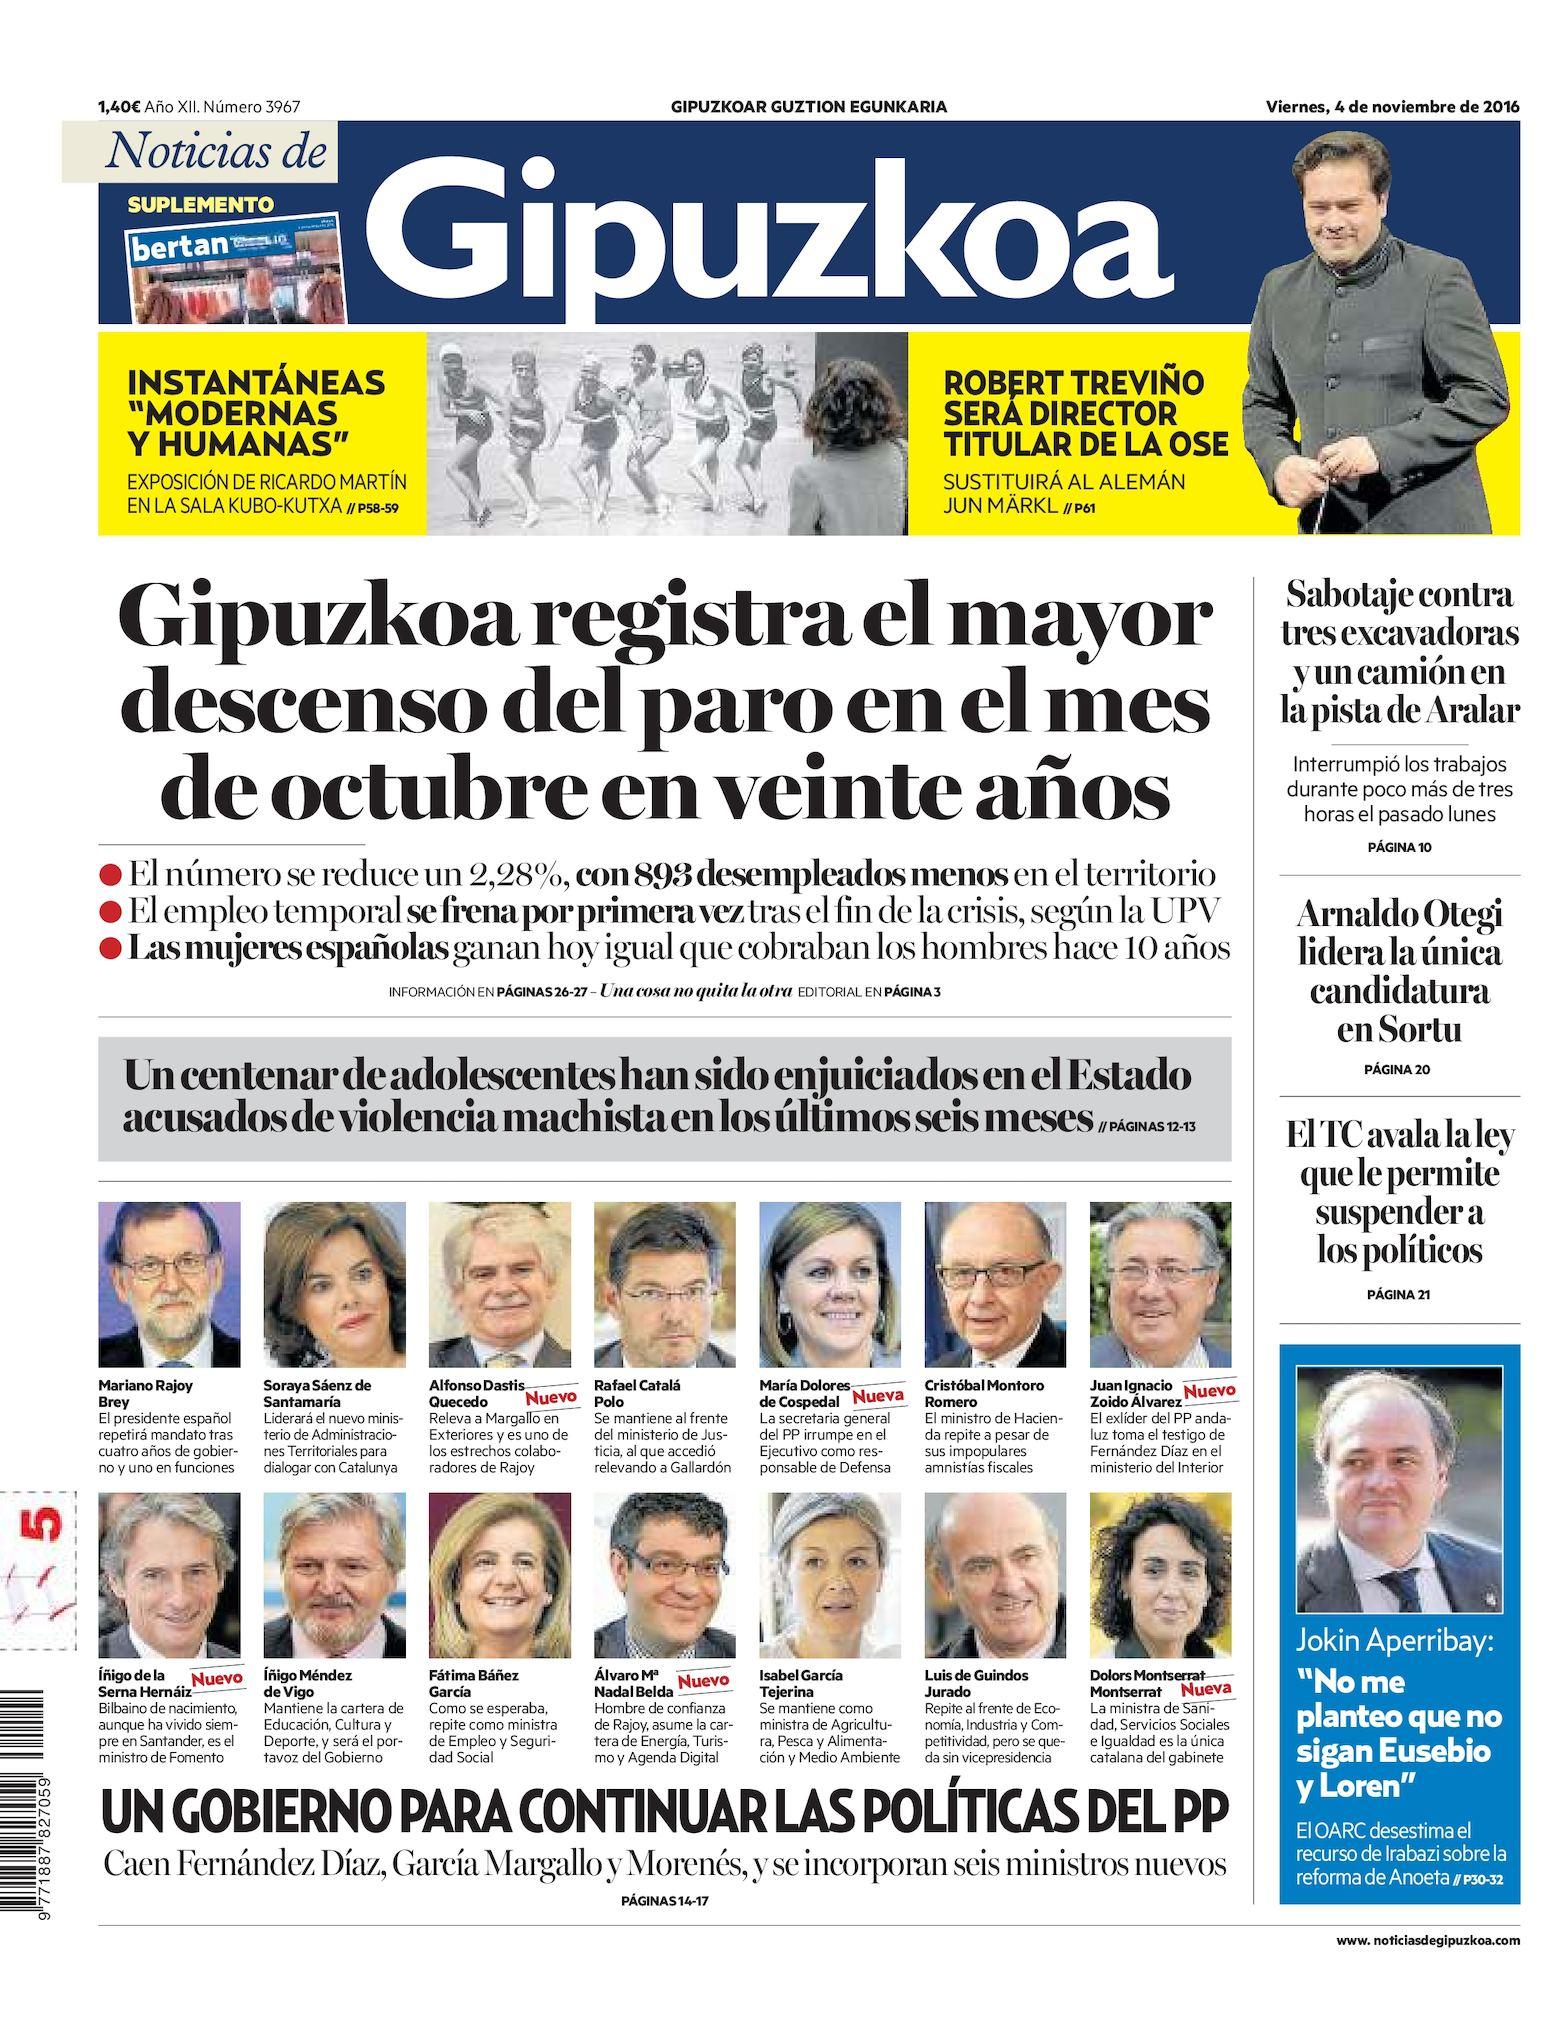 finest selection 007a8 f4991 Calaméo - Noticias de Gipuzkoa 20161104